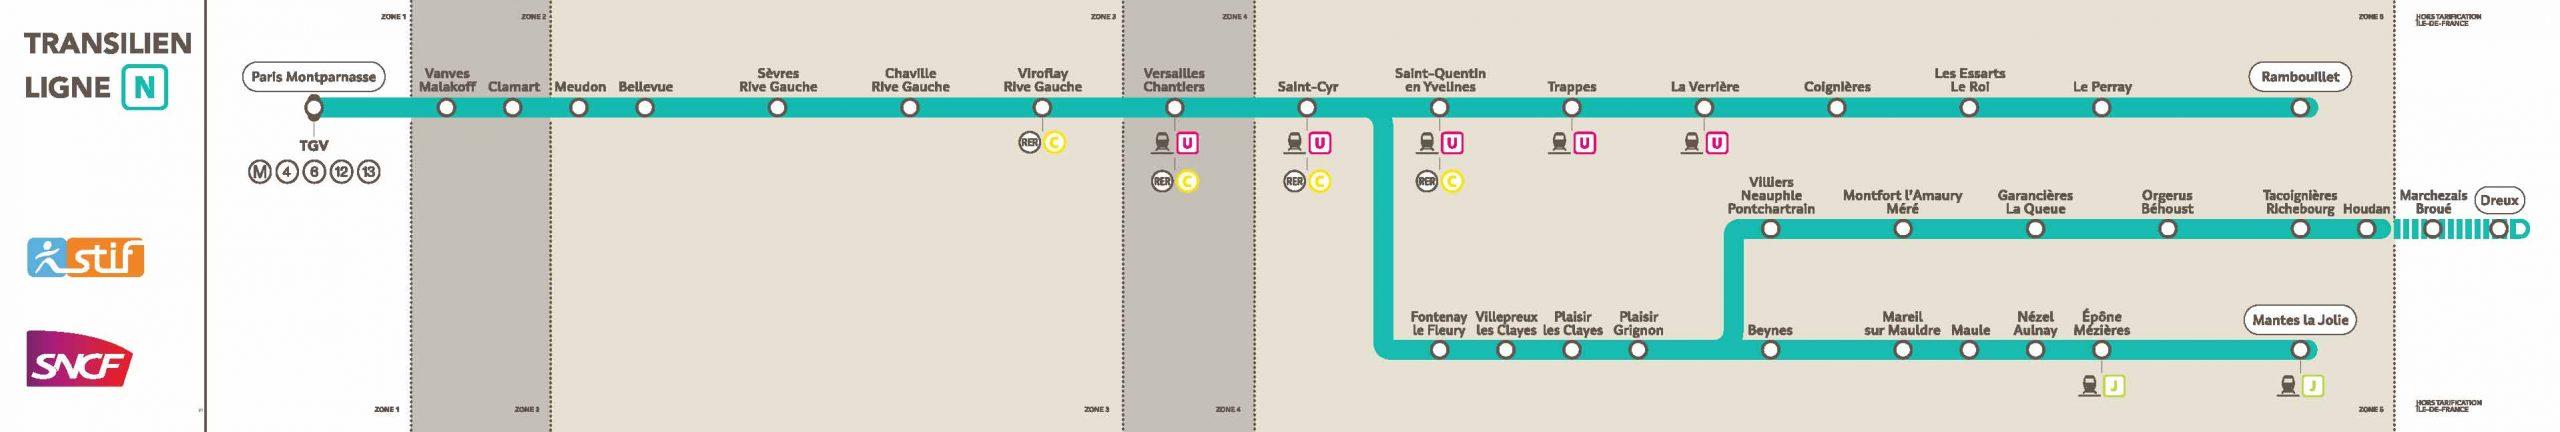 Ligne N - Train Nature et Patrimoine